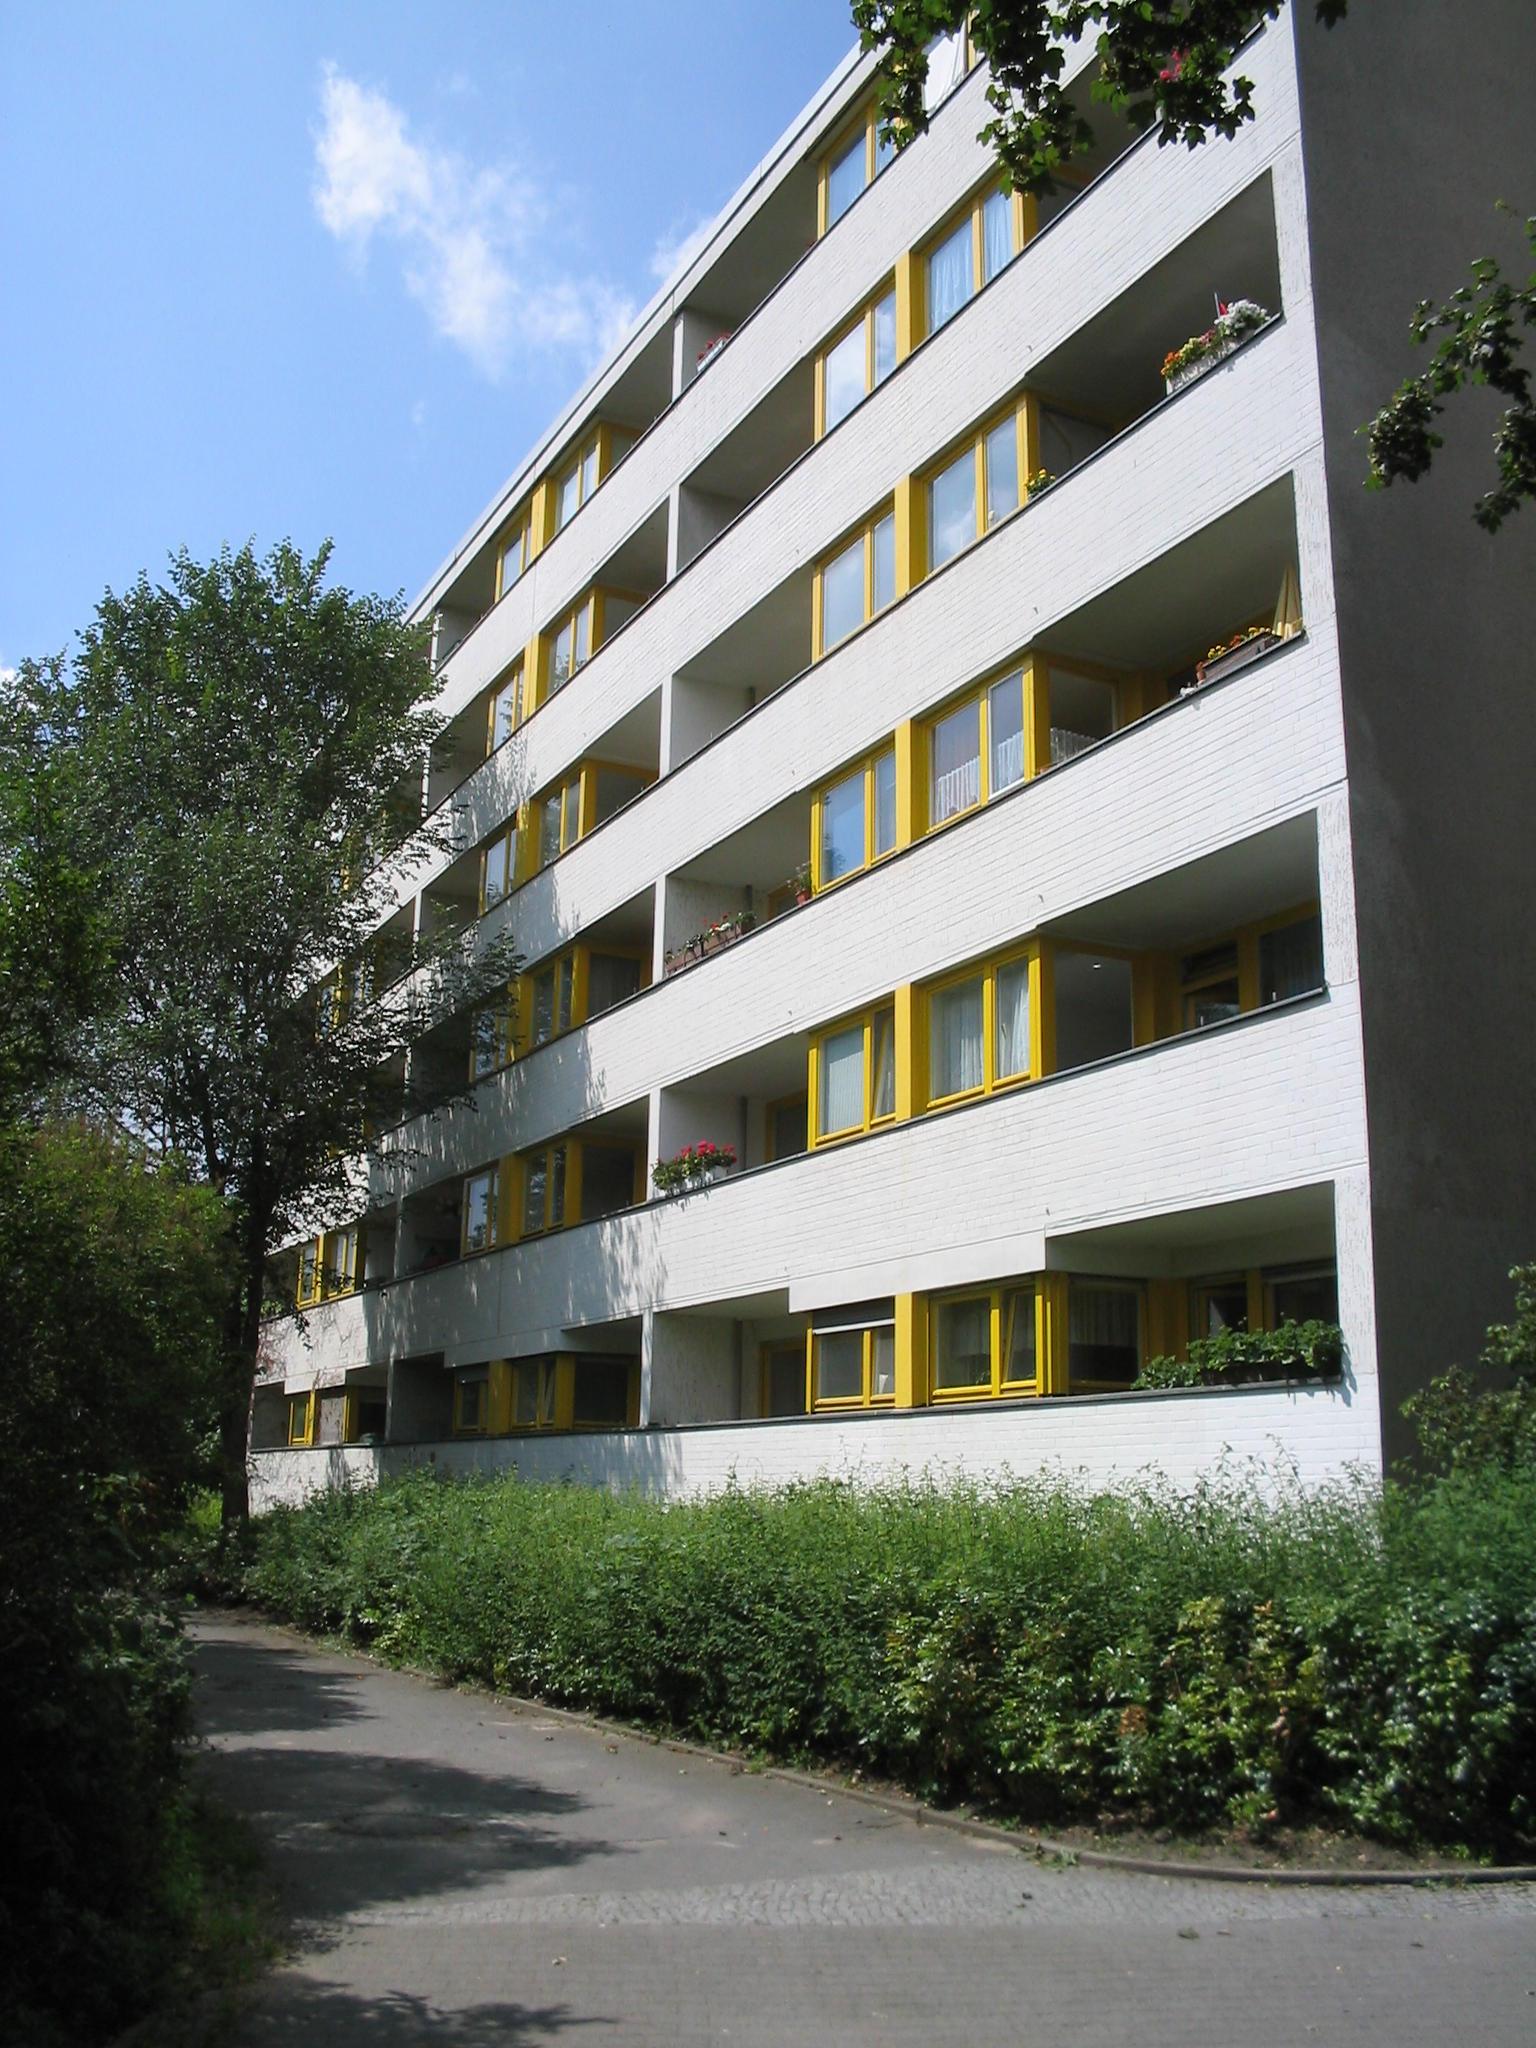 Seniorenwohnhaus Heckerdamm